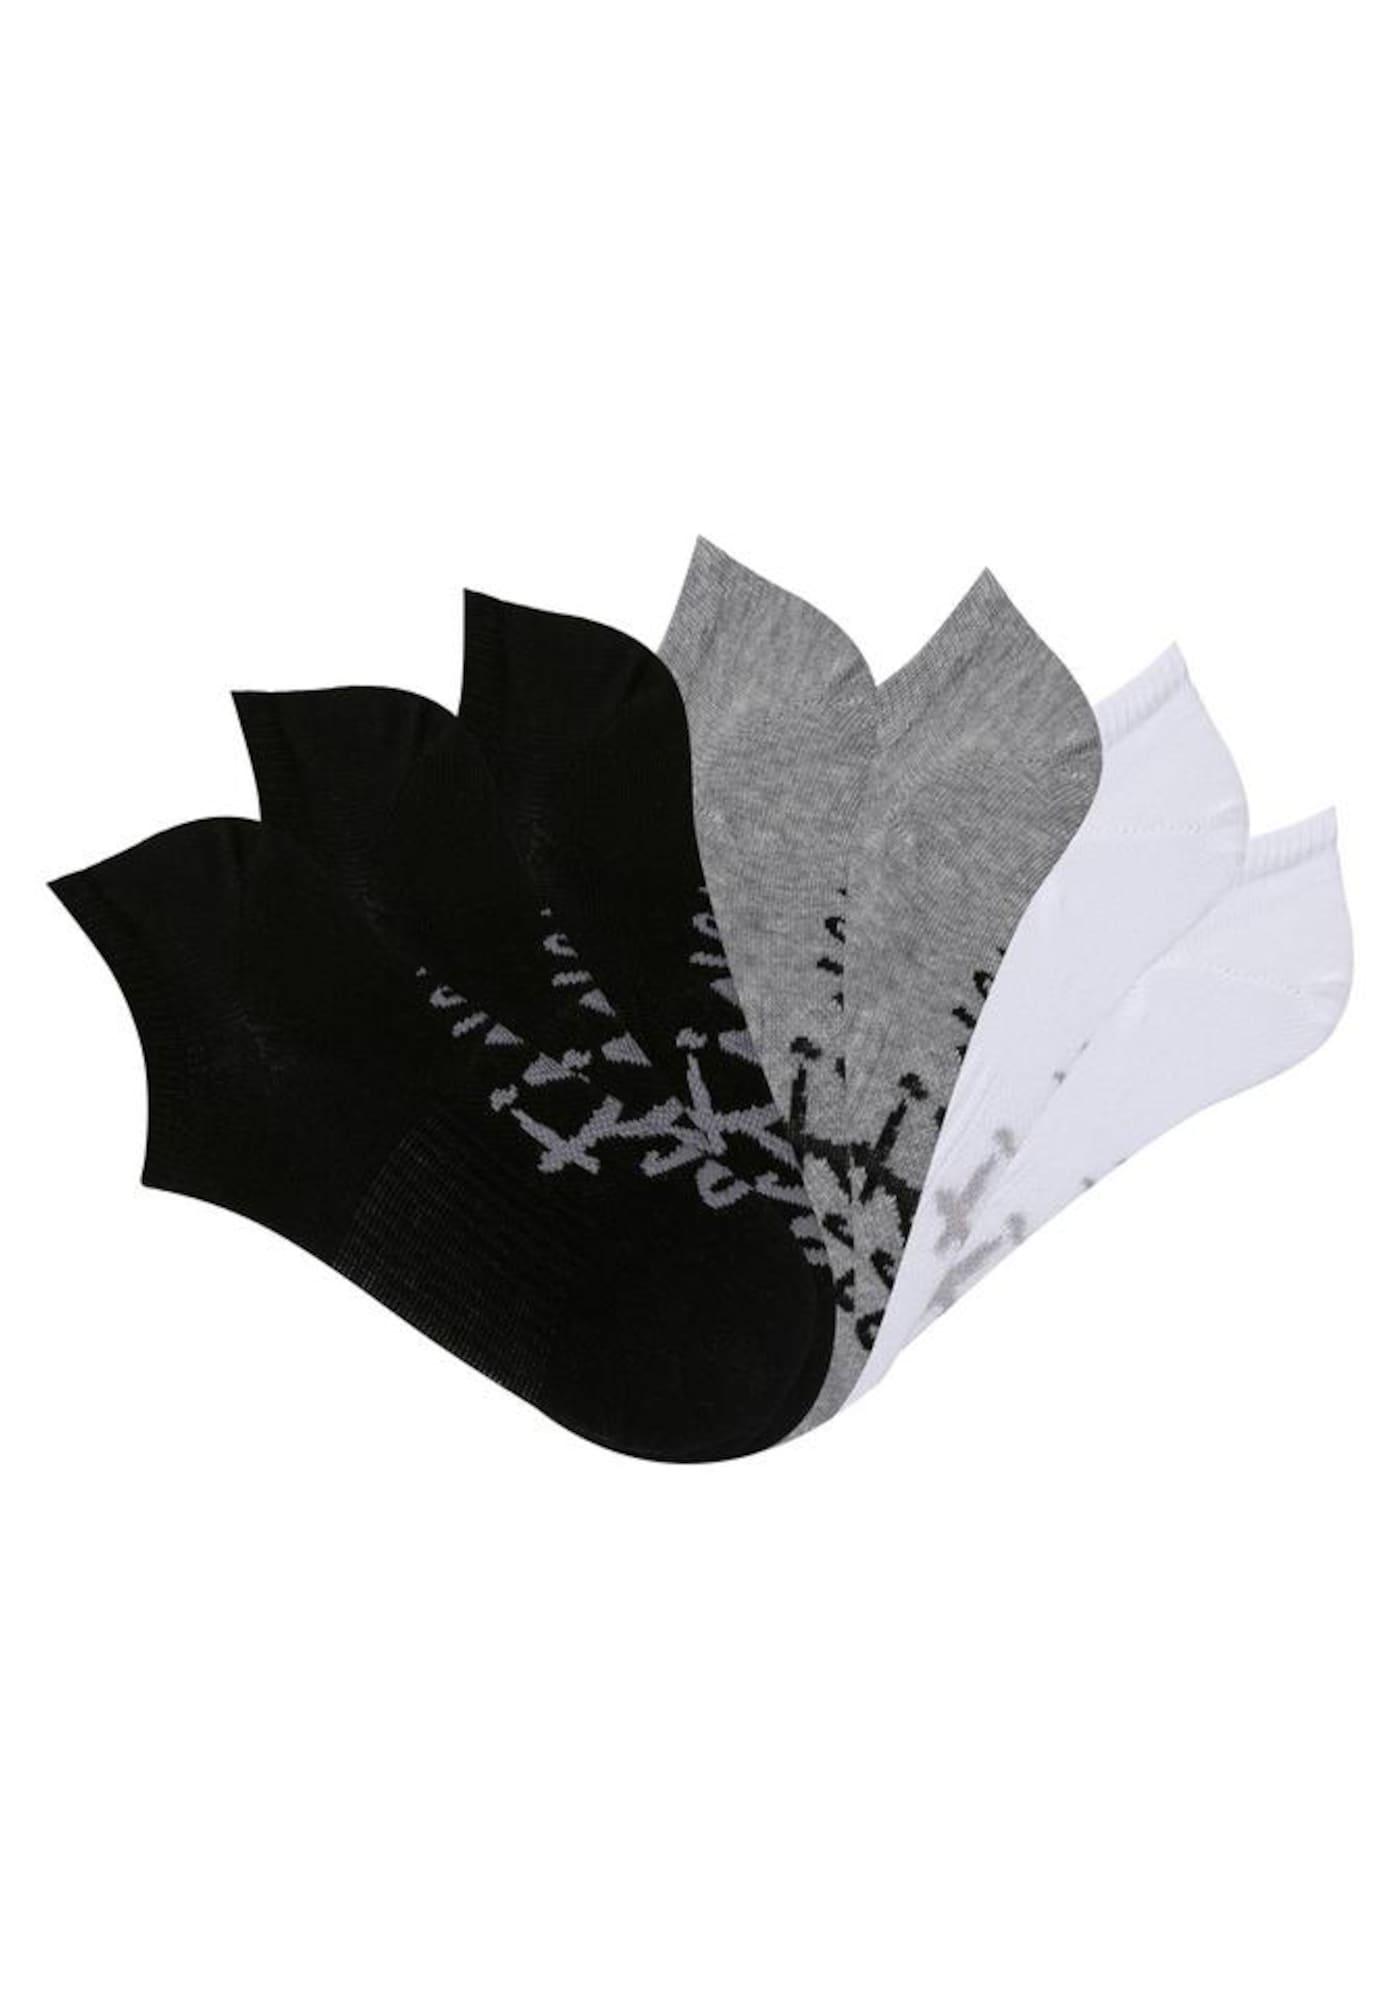 LASCANA ACTIVE Sportinės kojinės margai pilka / juoda / balta